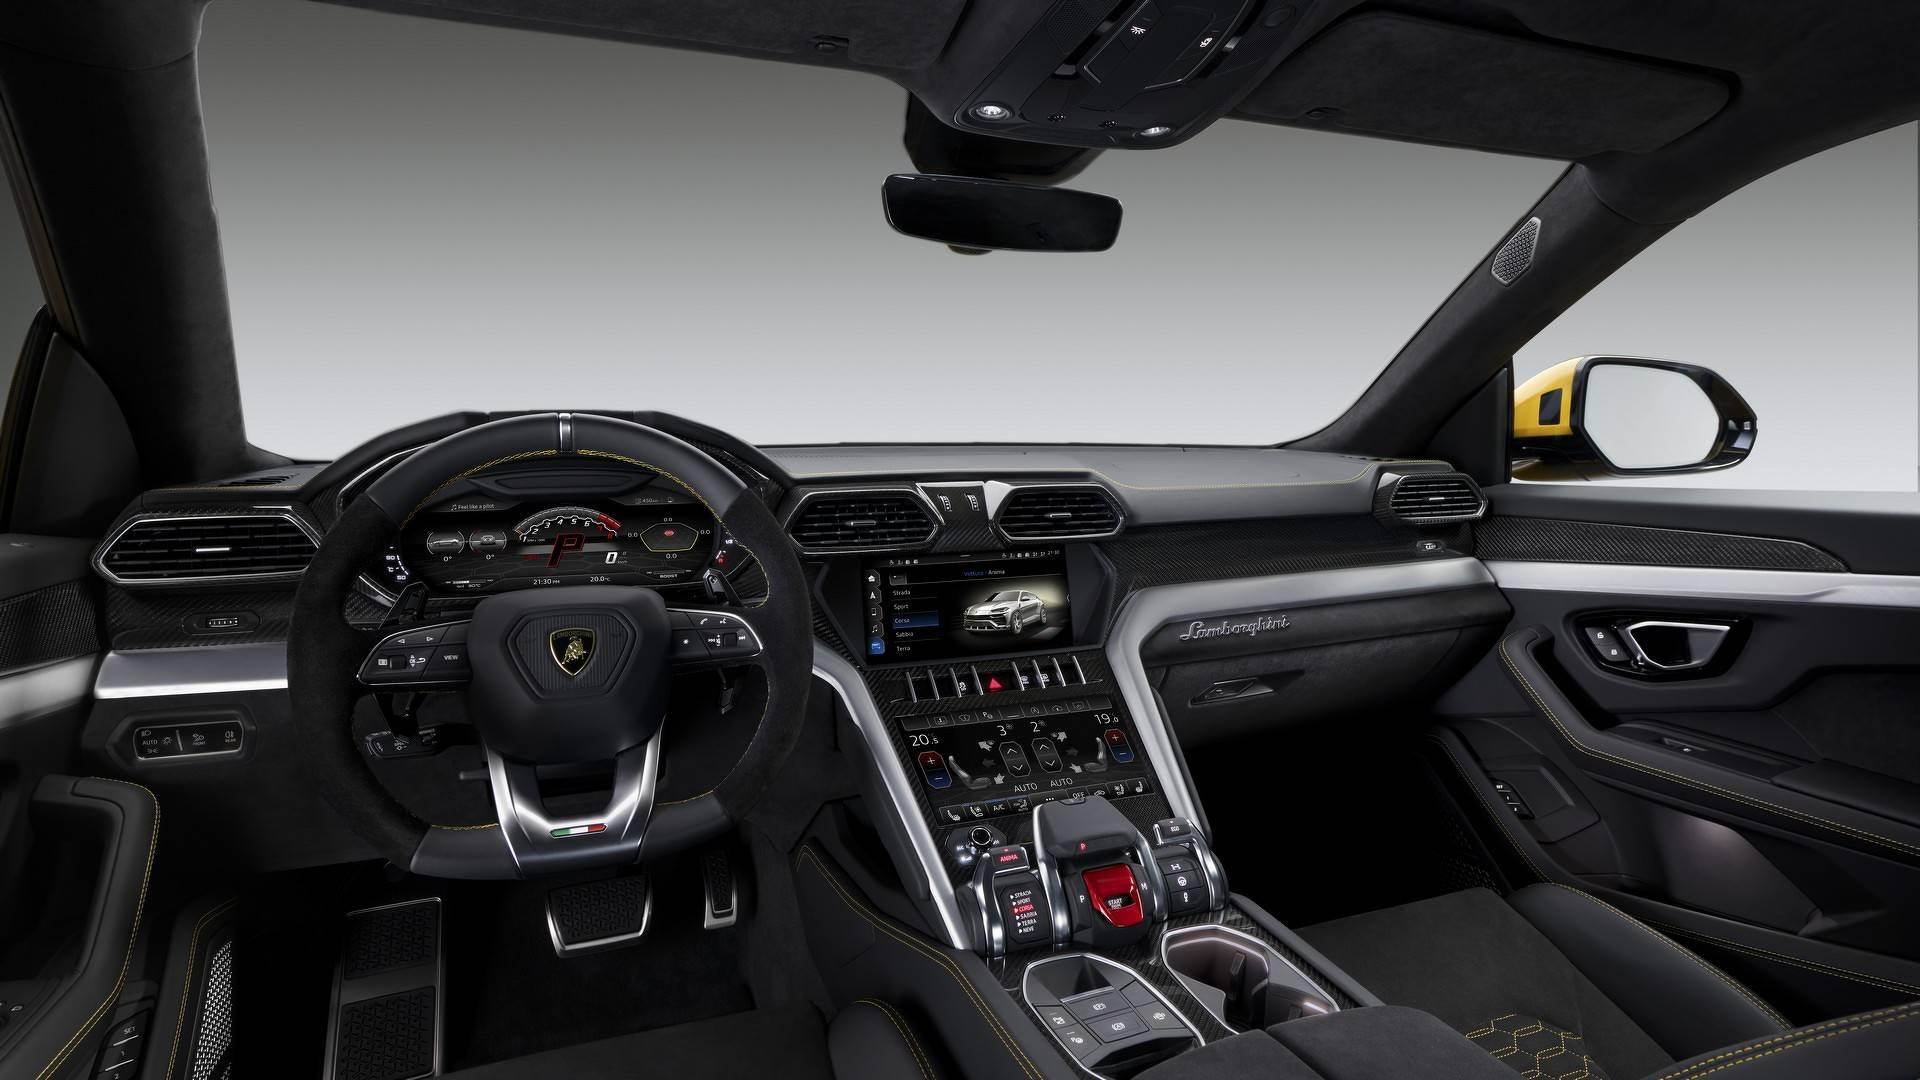 ¿Cómo conservará Lamborghini el espectacular de sus coches? Con la hibridación